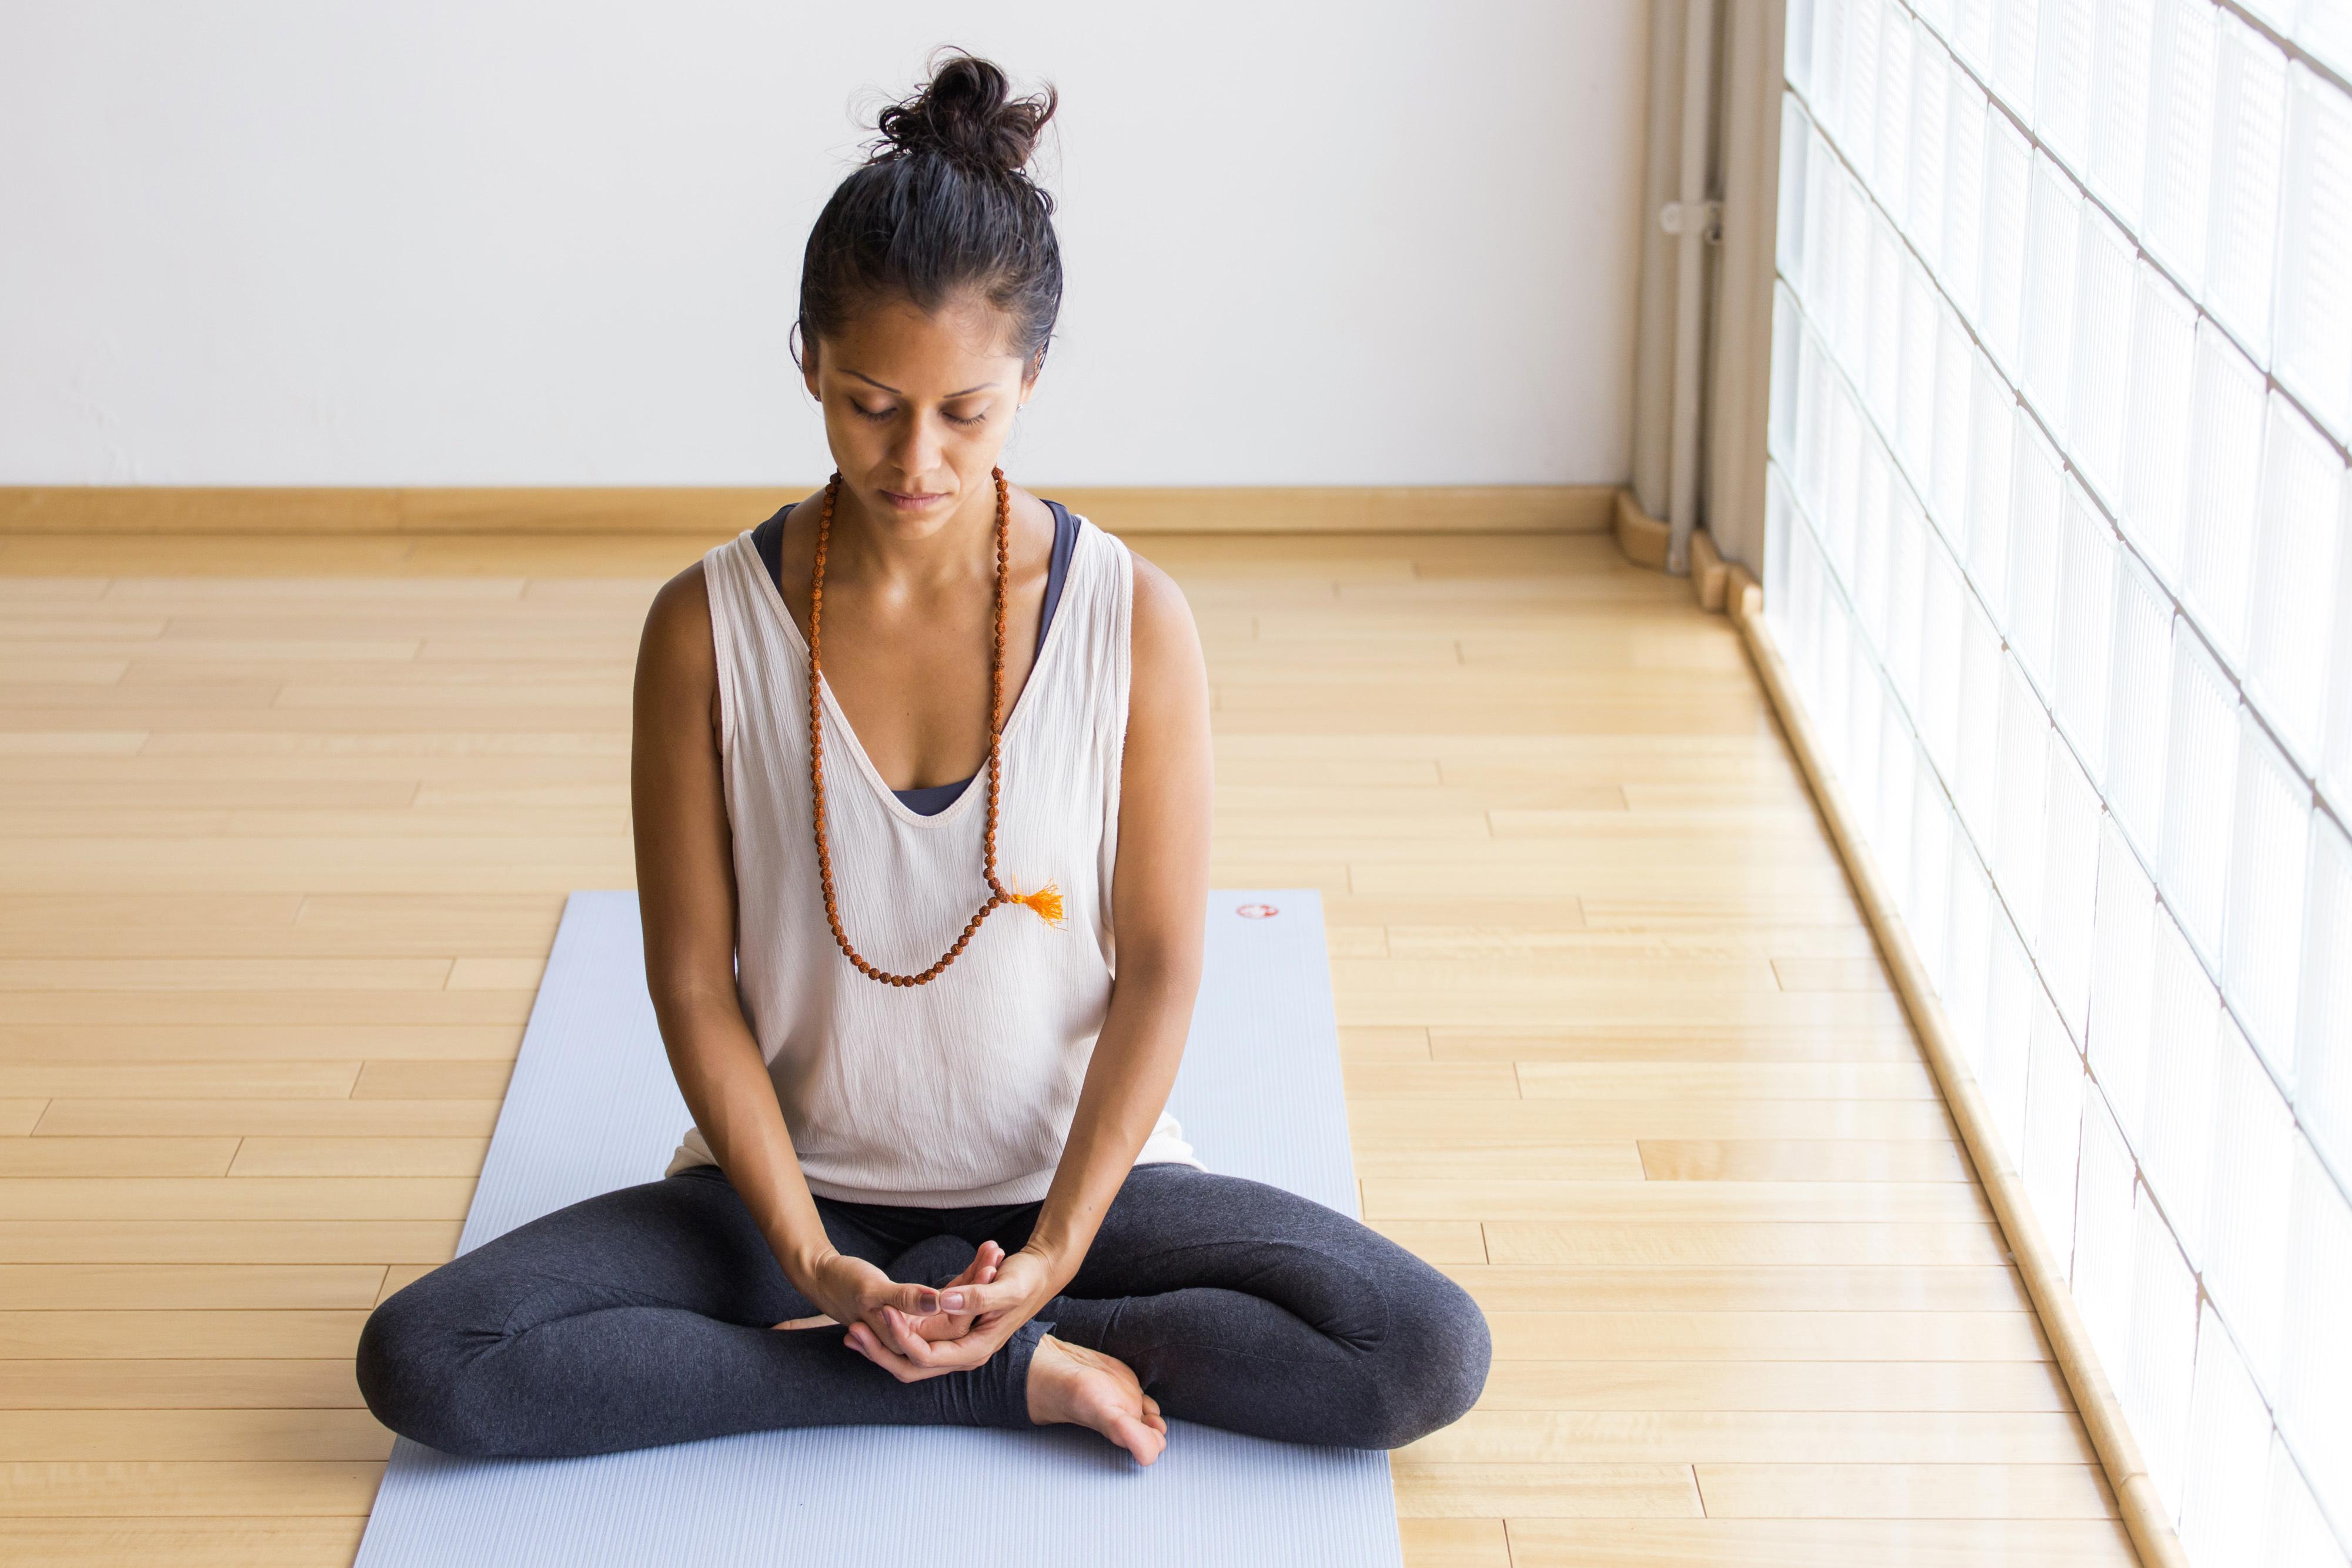 Det finns olika former av meditation men huvudsyftet är att man ska stilla sitt sinne, lyssna inåt, bli mer harmonisk och få insikt i vem du är.